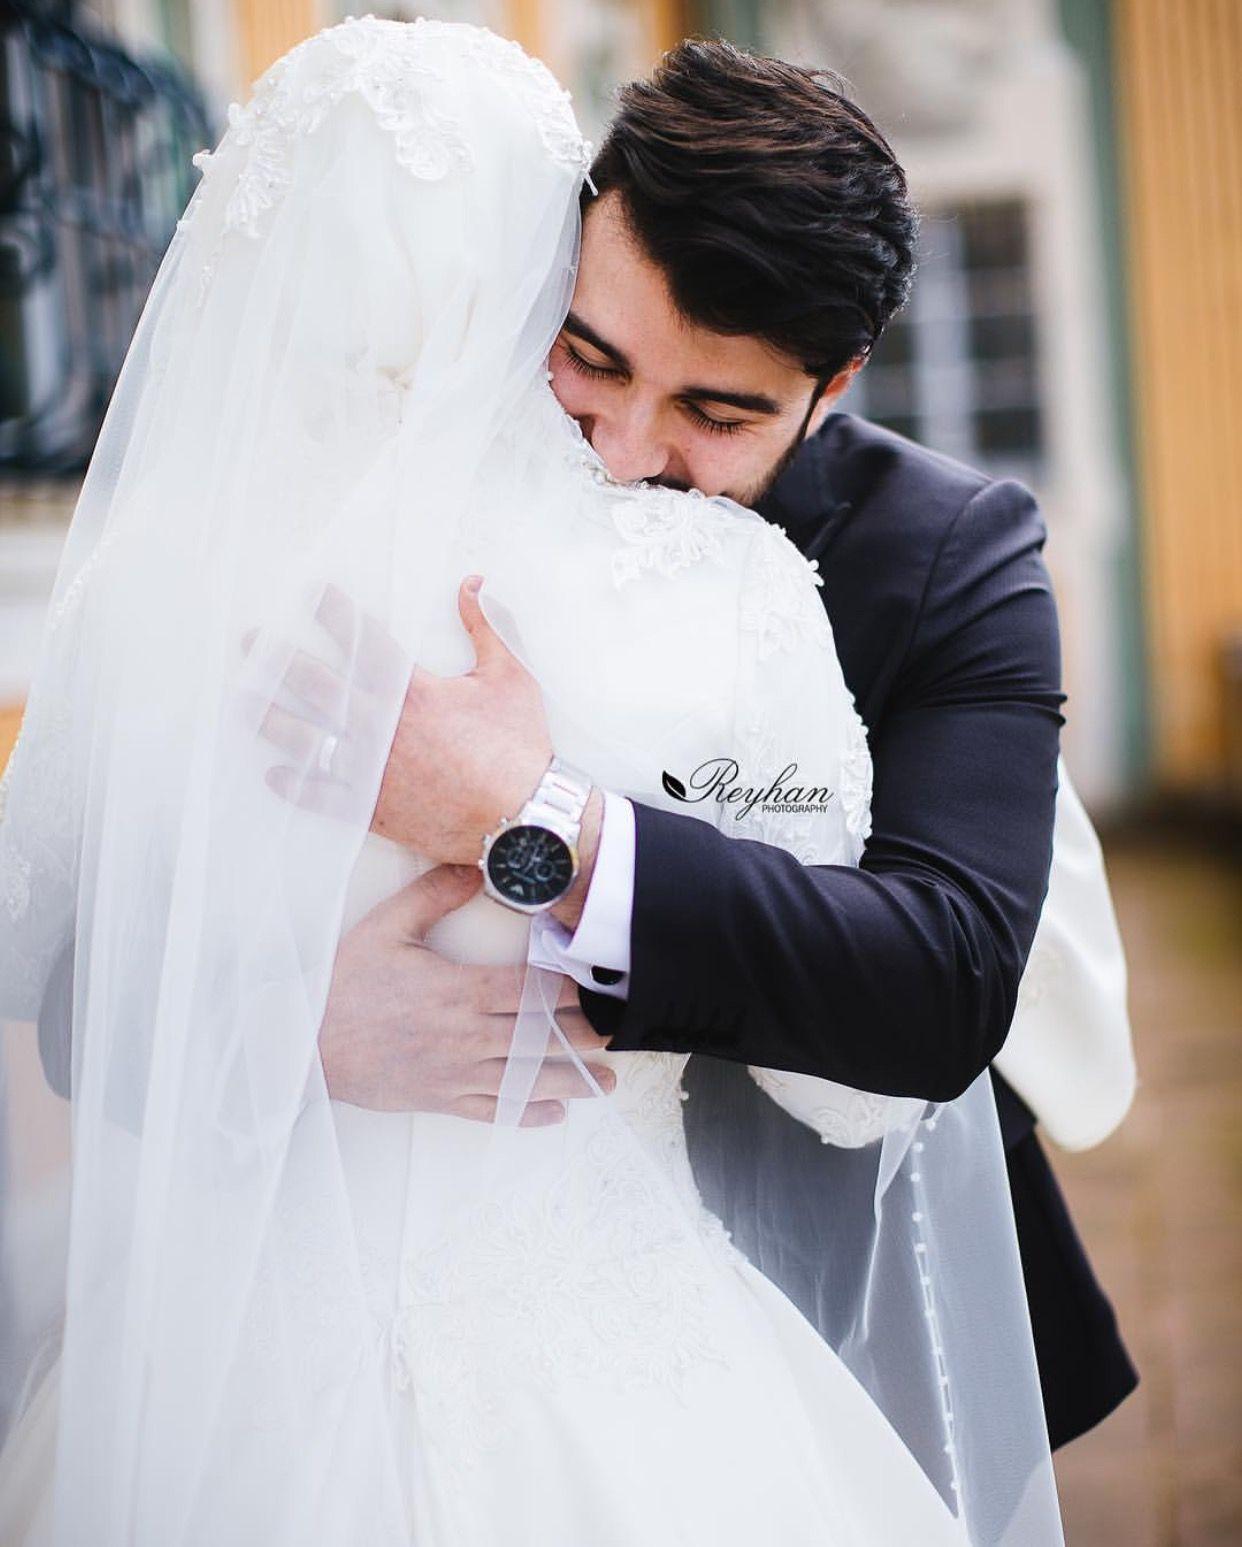 صورة صور عريس وعروسه , اجمل الصور للعرسان 2020